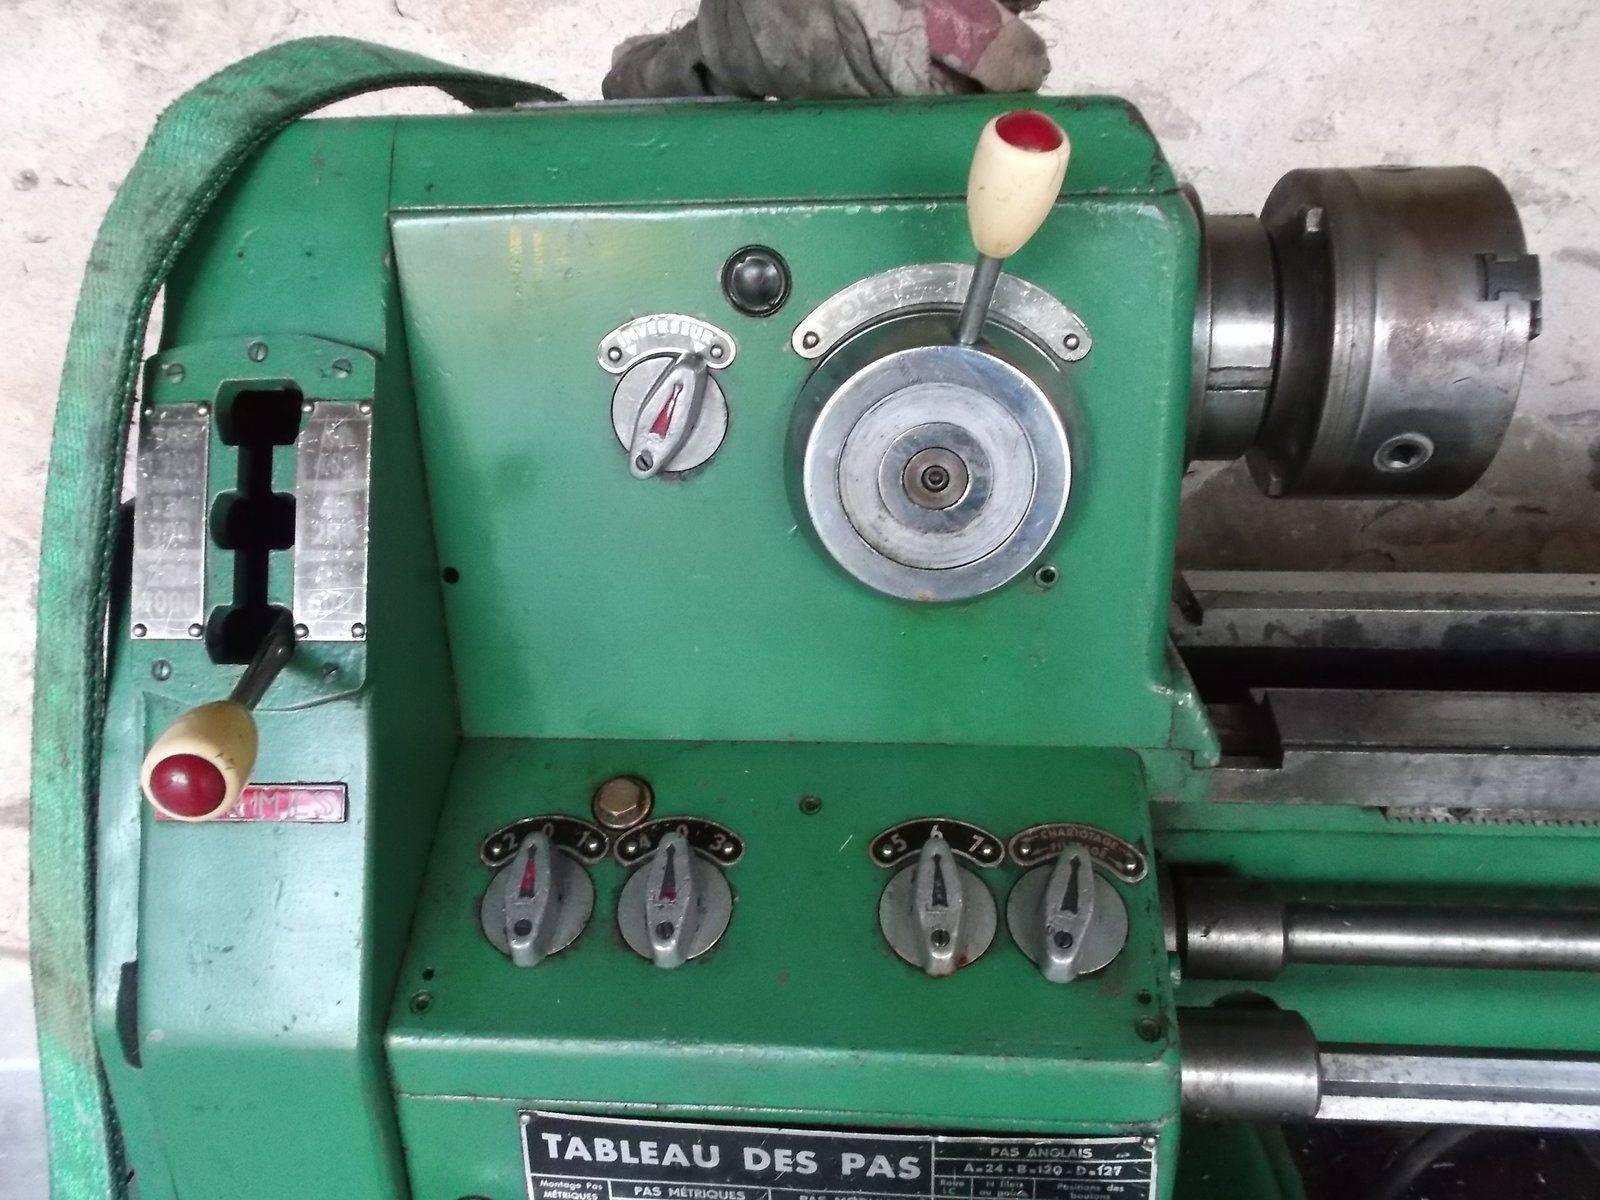 DSCF1155.JPG